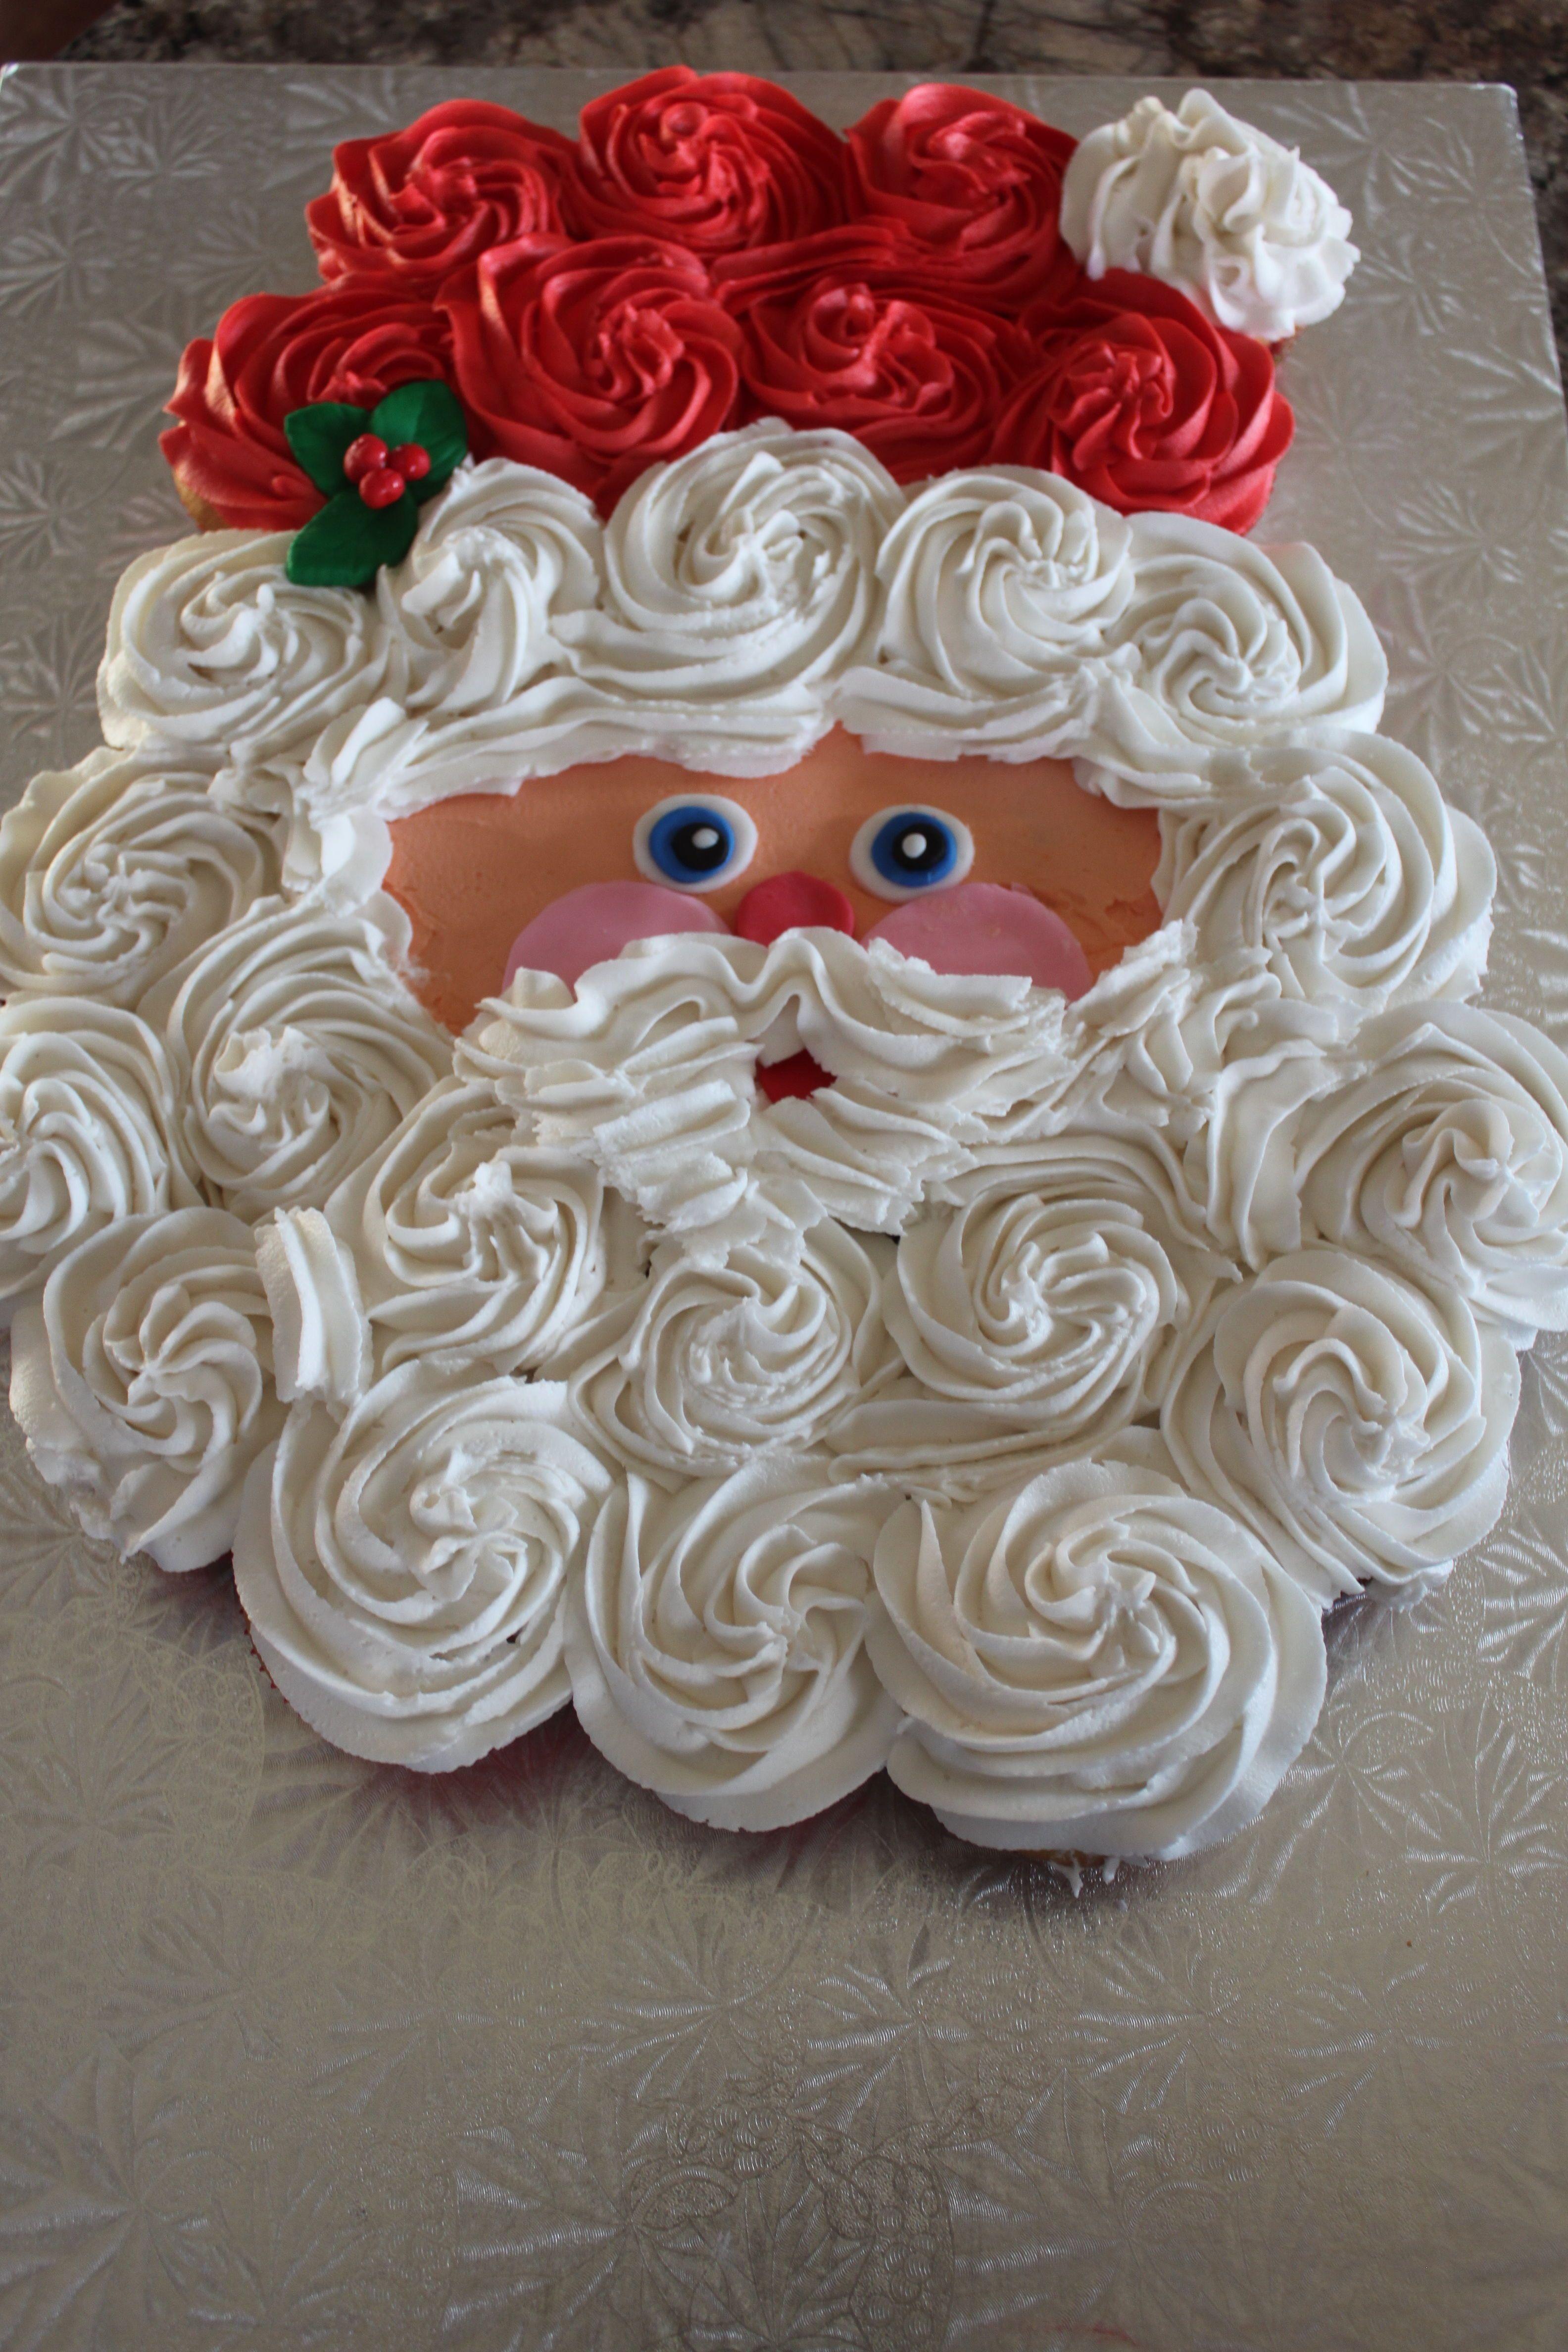 How to make a father christmas cake decoration - Default Santa Claus Cupcake Cake